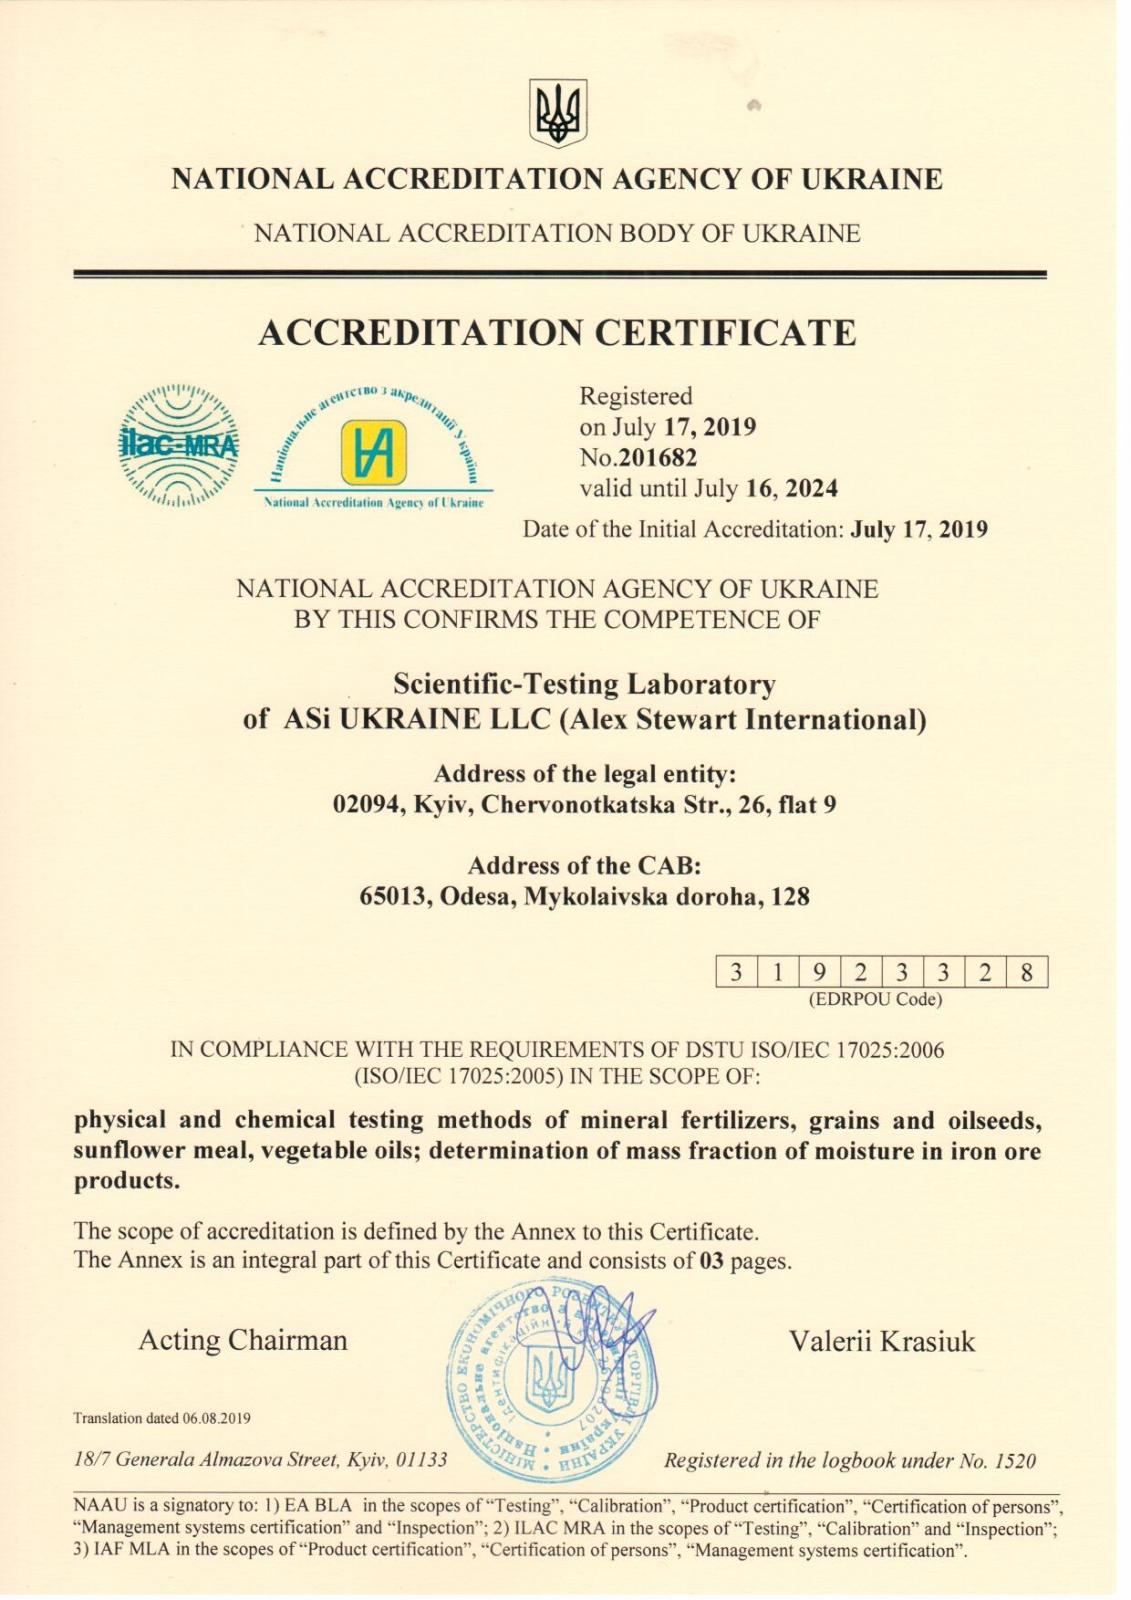 Аттестат аккредитации НААУ на соответствие требованиям ДСТУ ИСО 17025